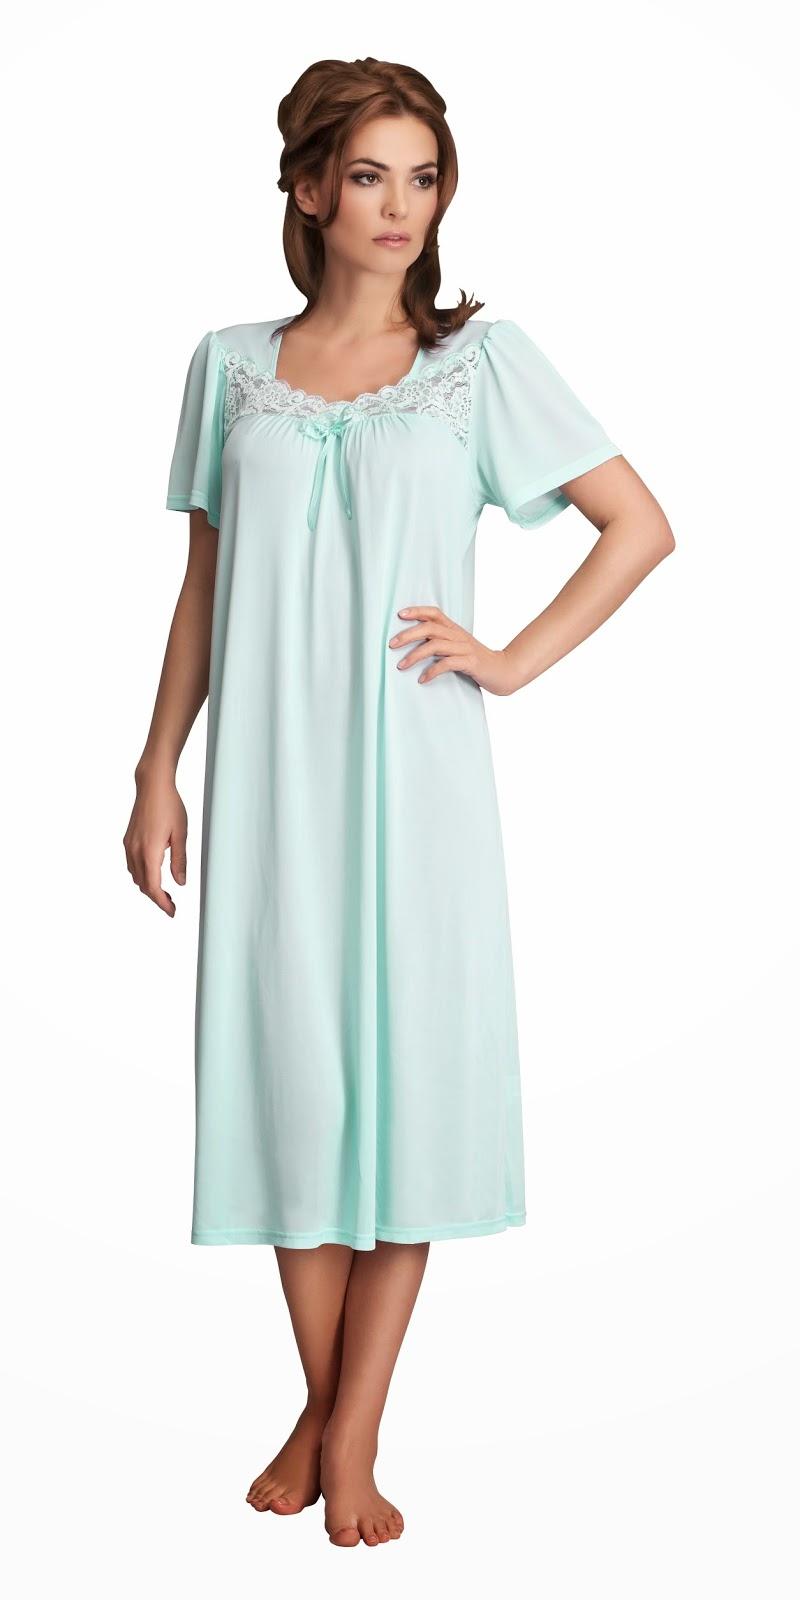 926e12d3264976 Obok klasycznych krojów, Meva Fashion od niedawna proponuje klientkom  bardziej wyrafinowane i odważne modele bielizny